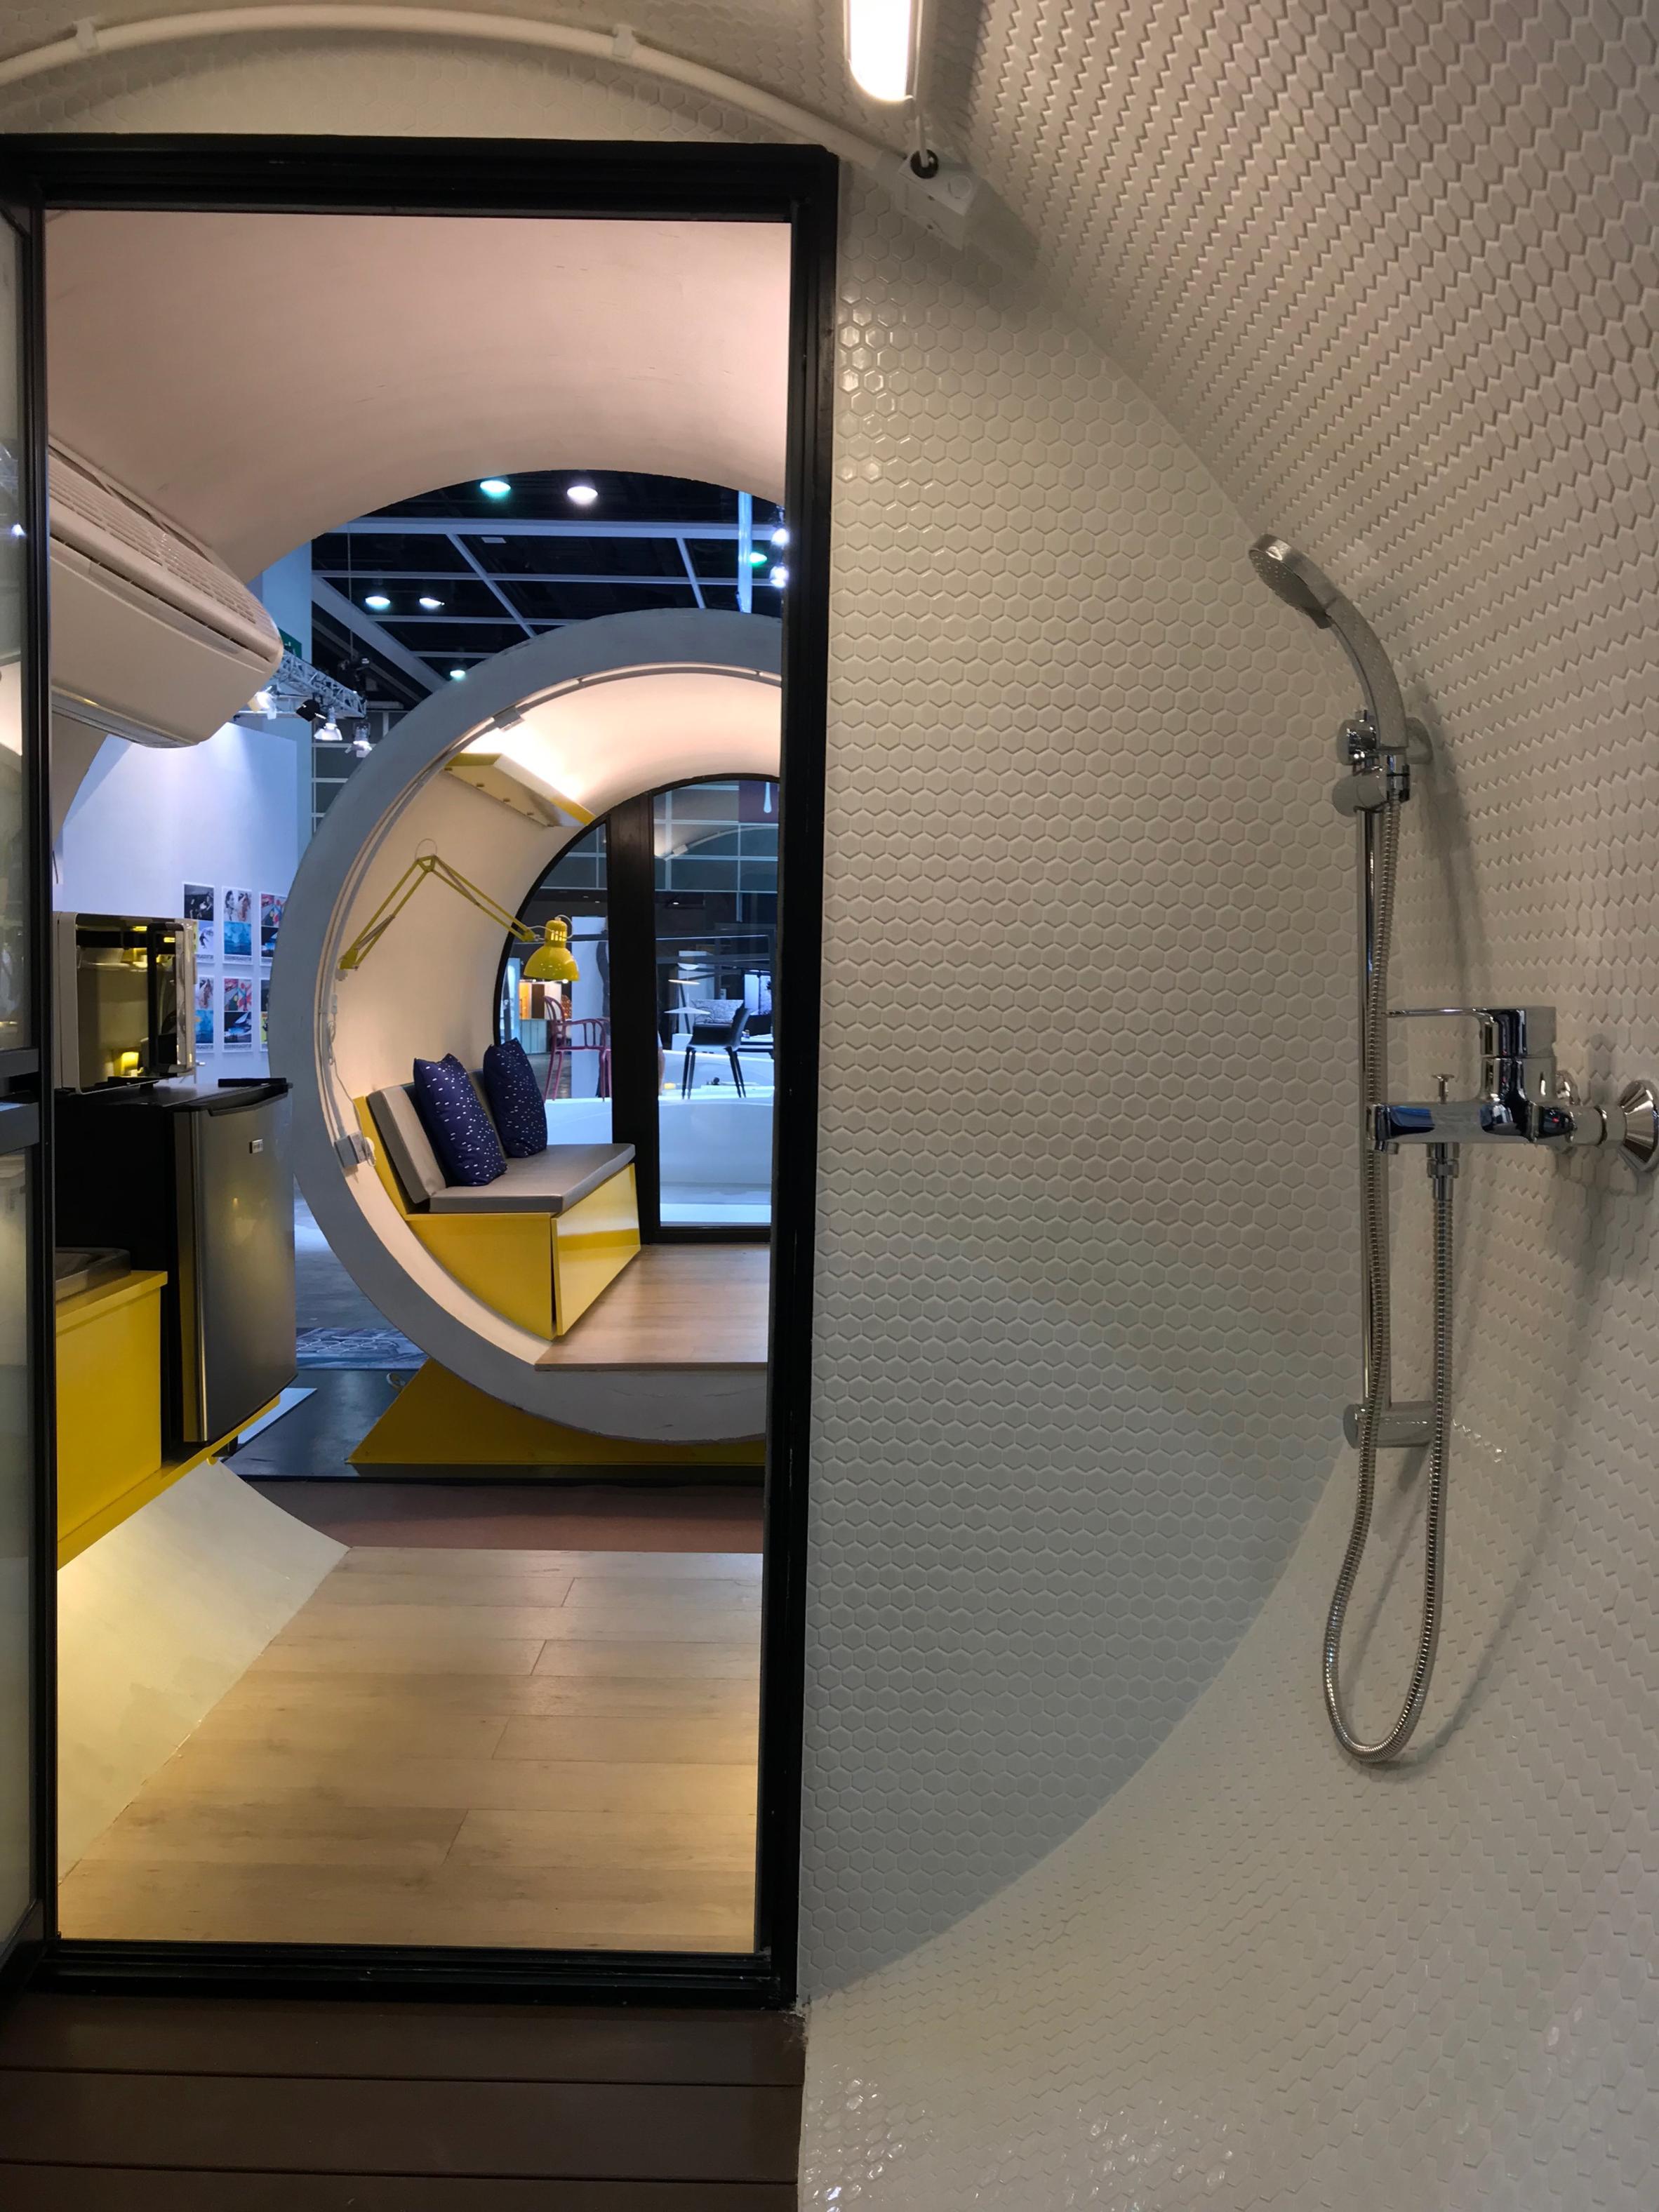 espacio para la ducha de las capsulas habitacionales